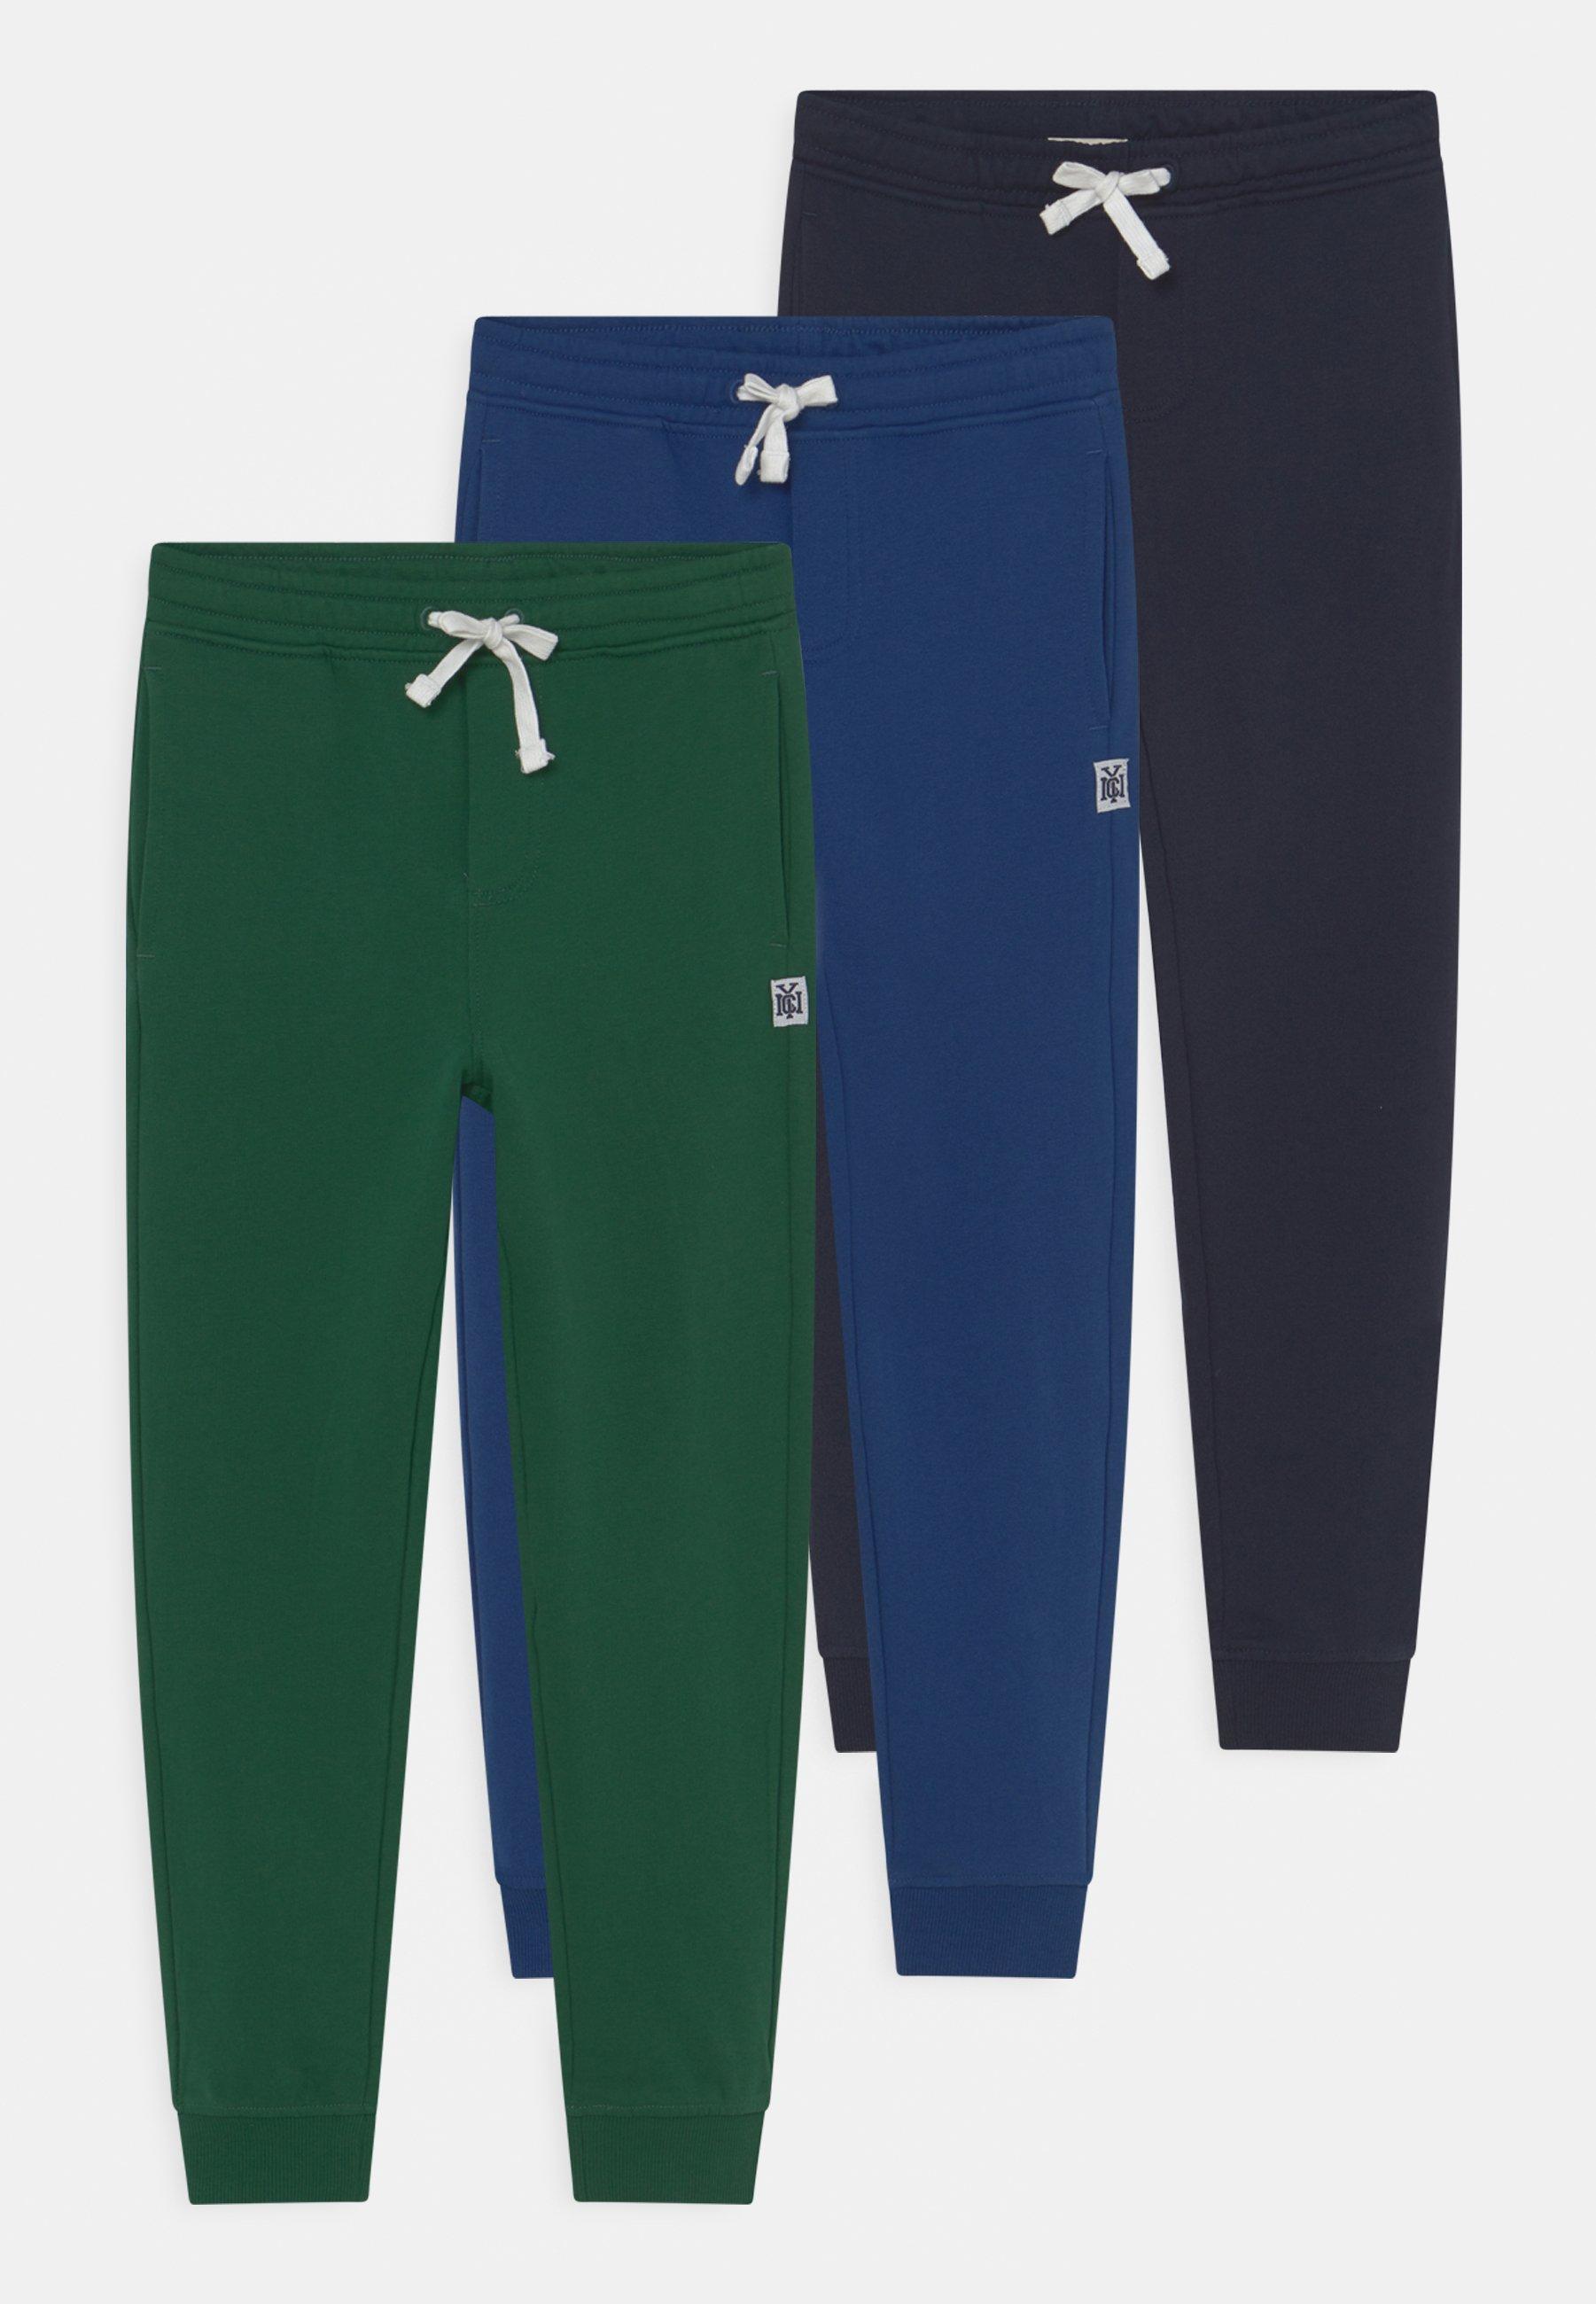 Bambini KID 3 PACK - Pantaloni sportivi